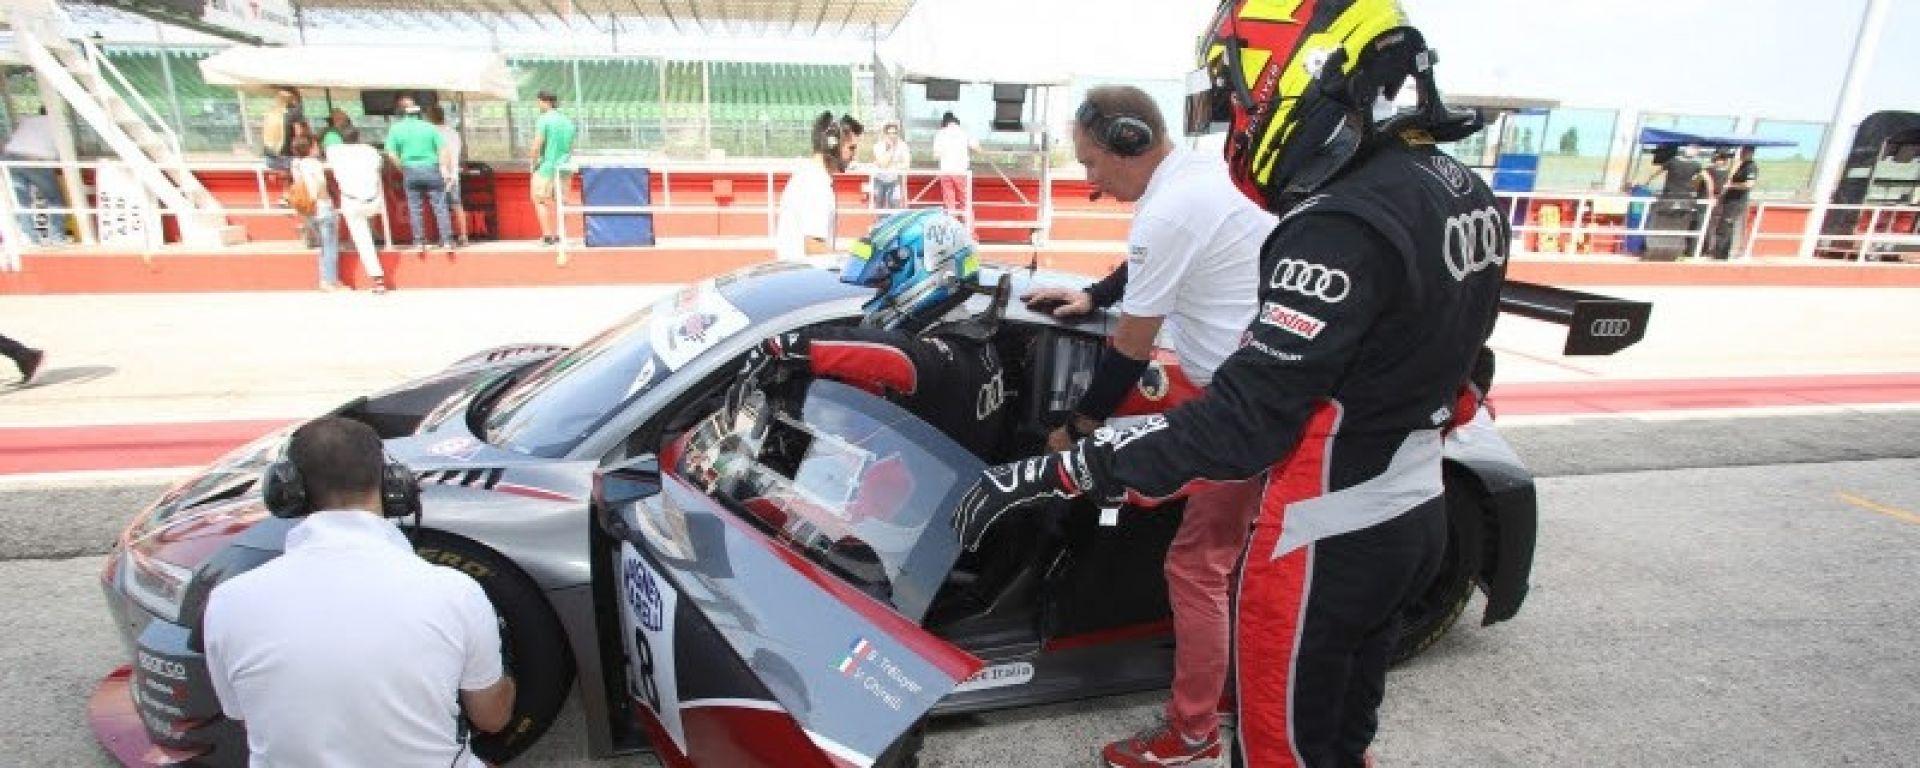 Tréluyer e Ghirelli sulla Audi R8 LMS